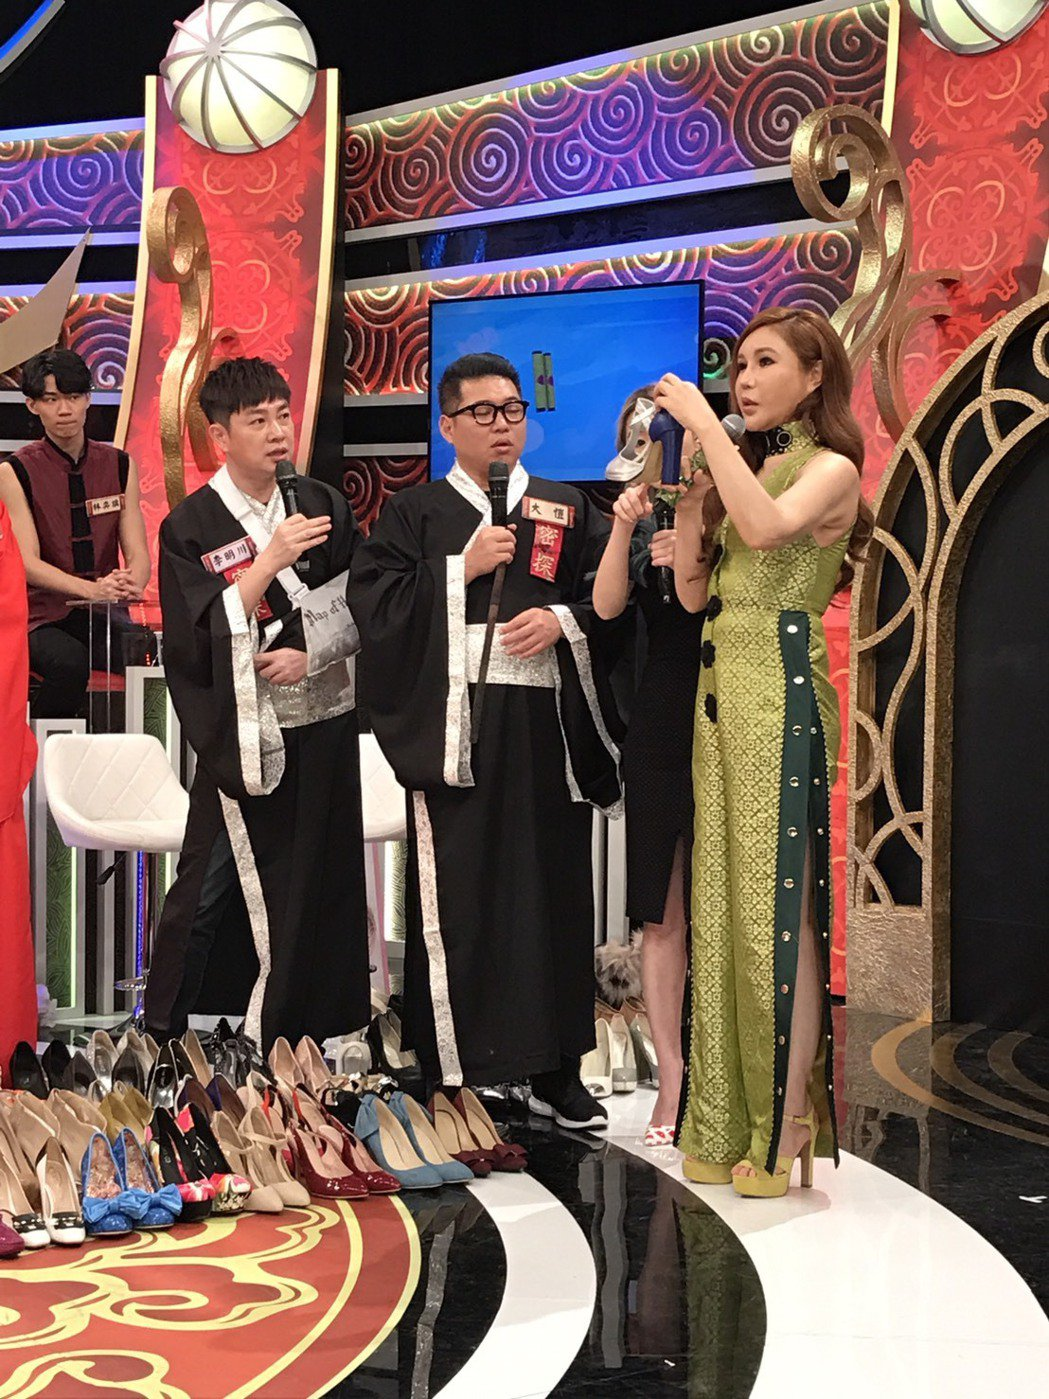 利菁昨天在錄影現場談高跟鞋主題。記者葉君遠/攝影